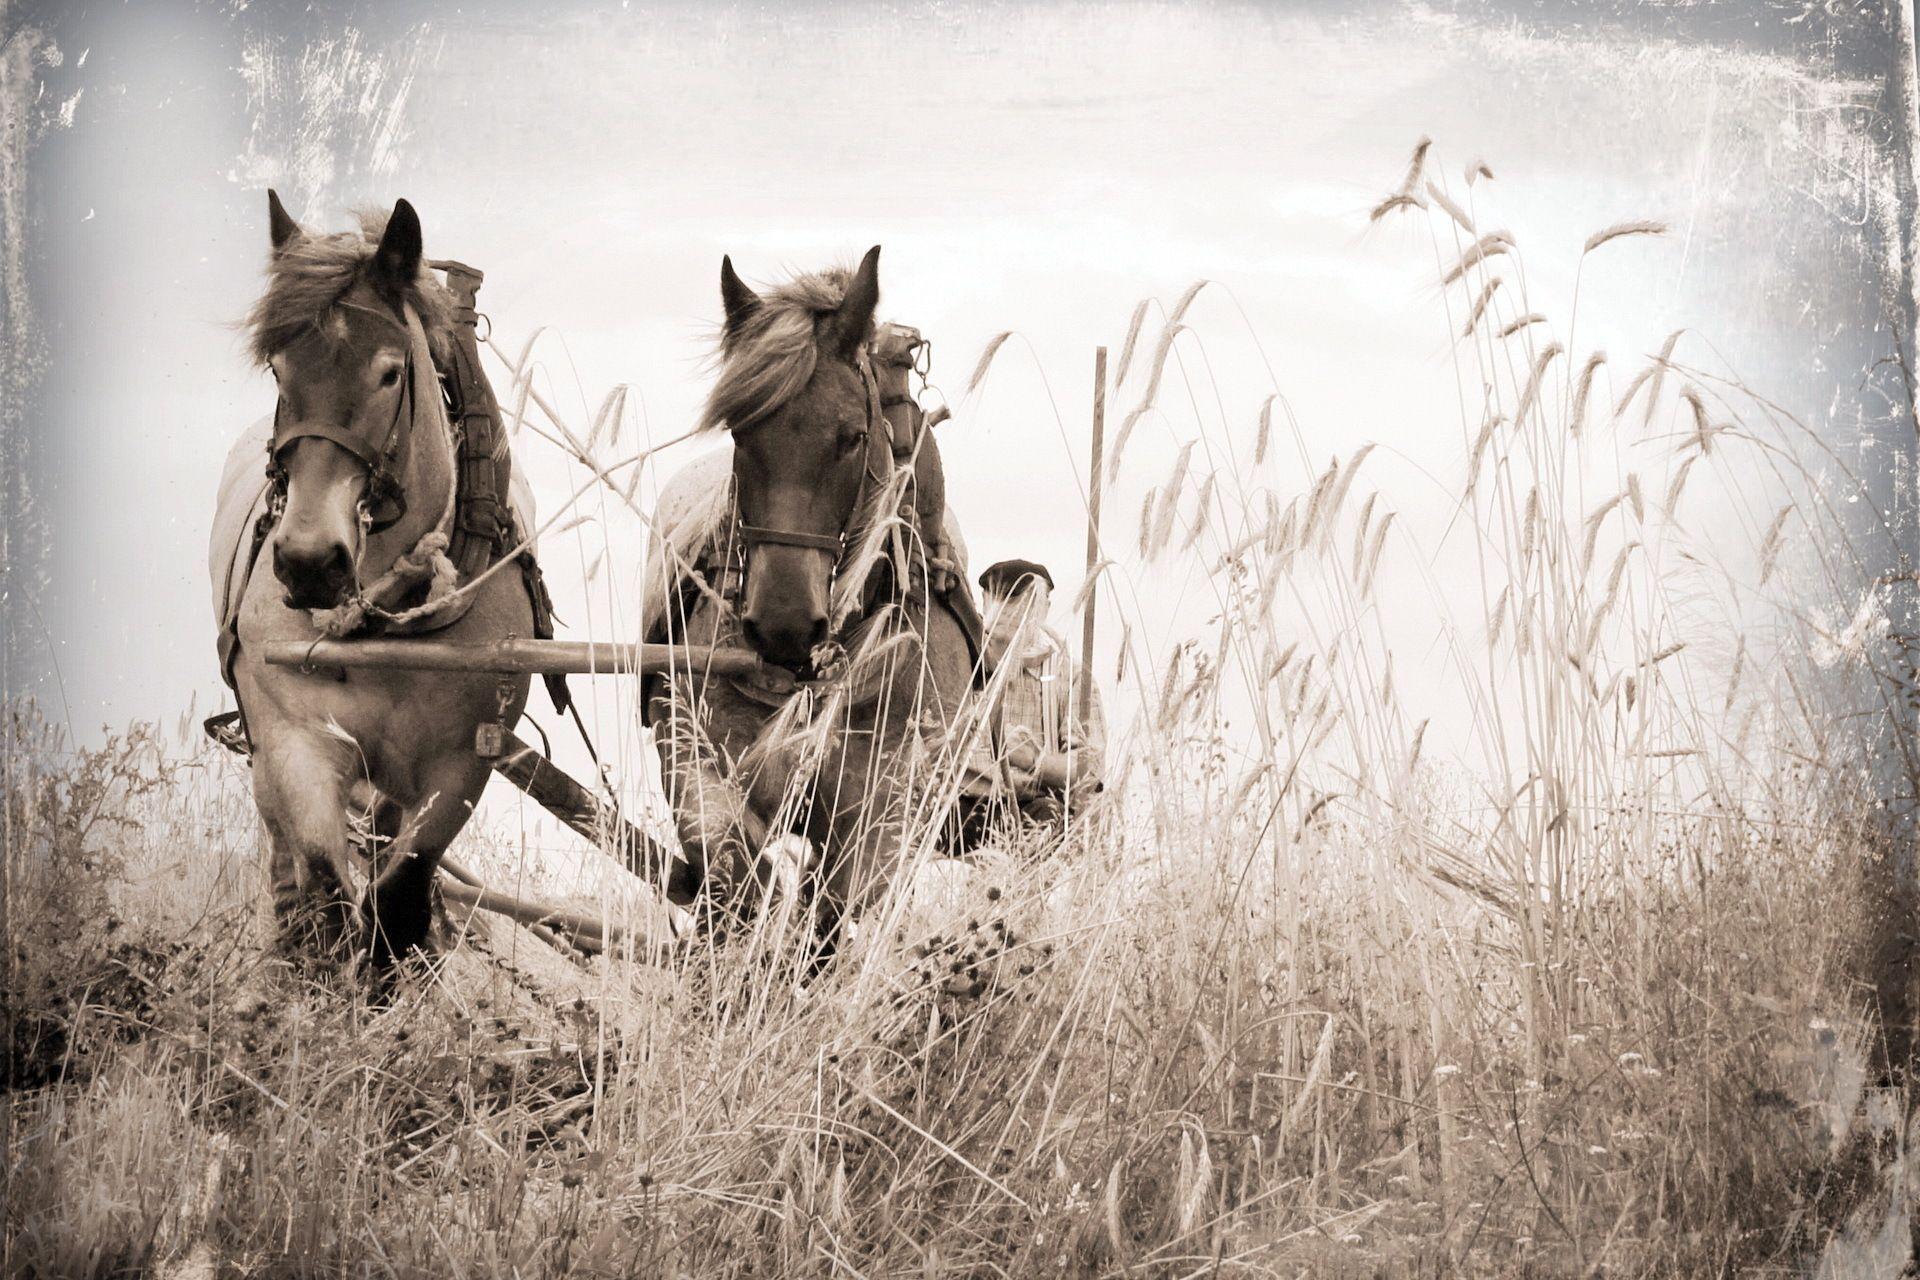 Заставки картинки лошади обои лошади